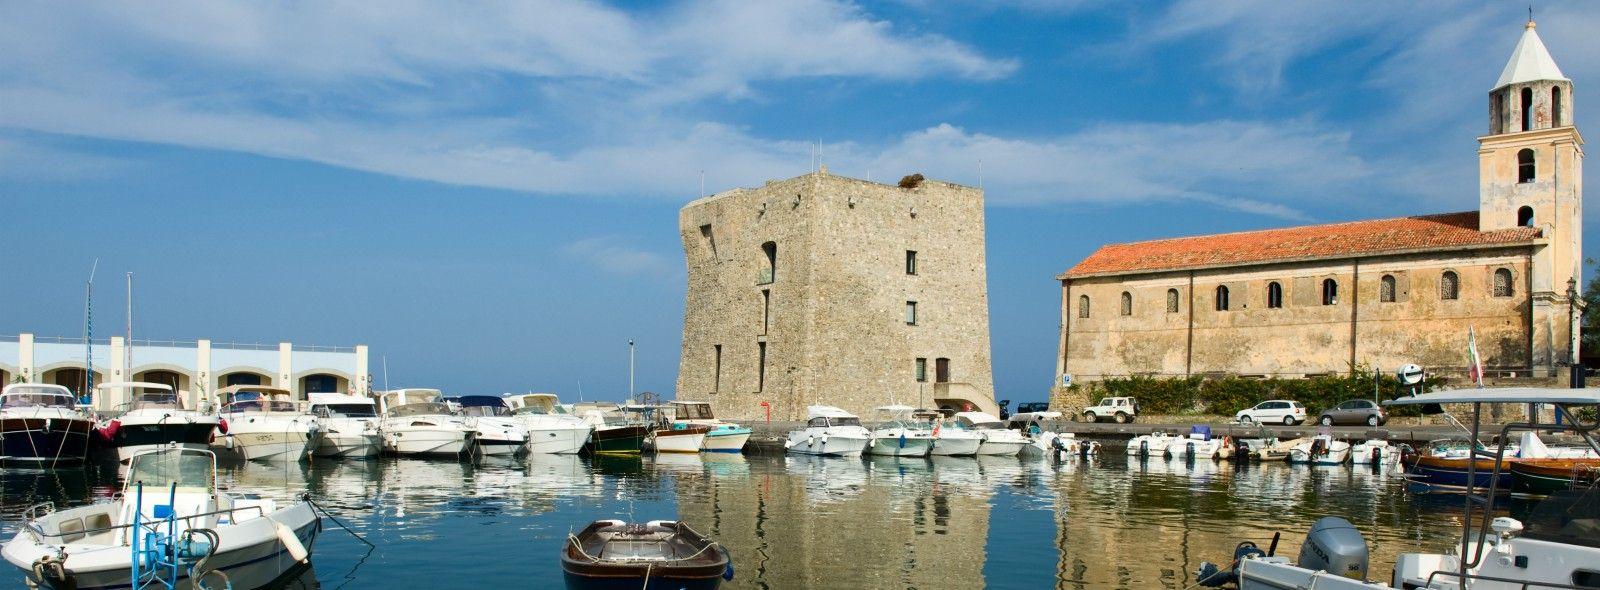 I migliori hotel ad Acciaroli sul mare